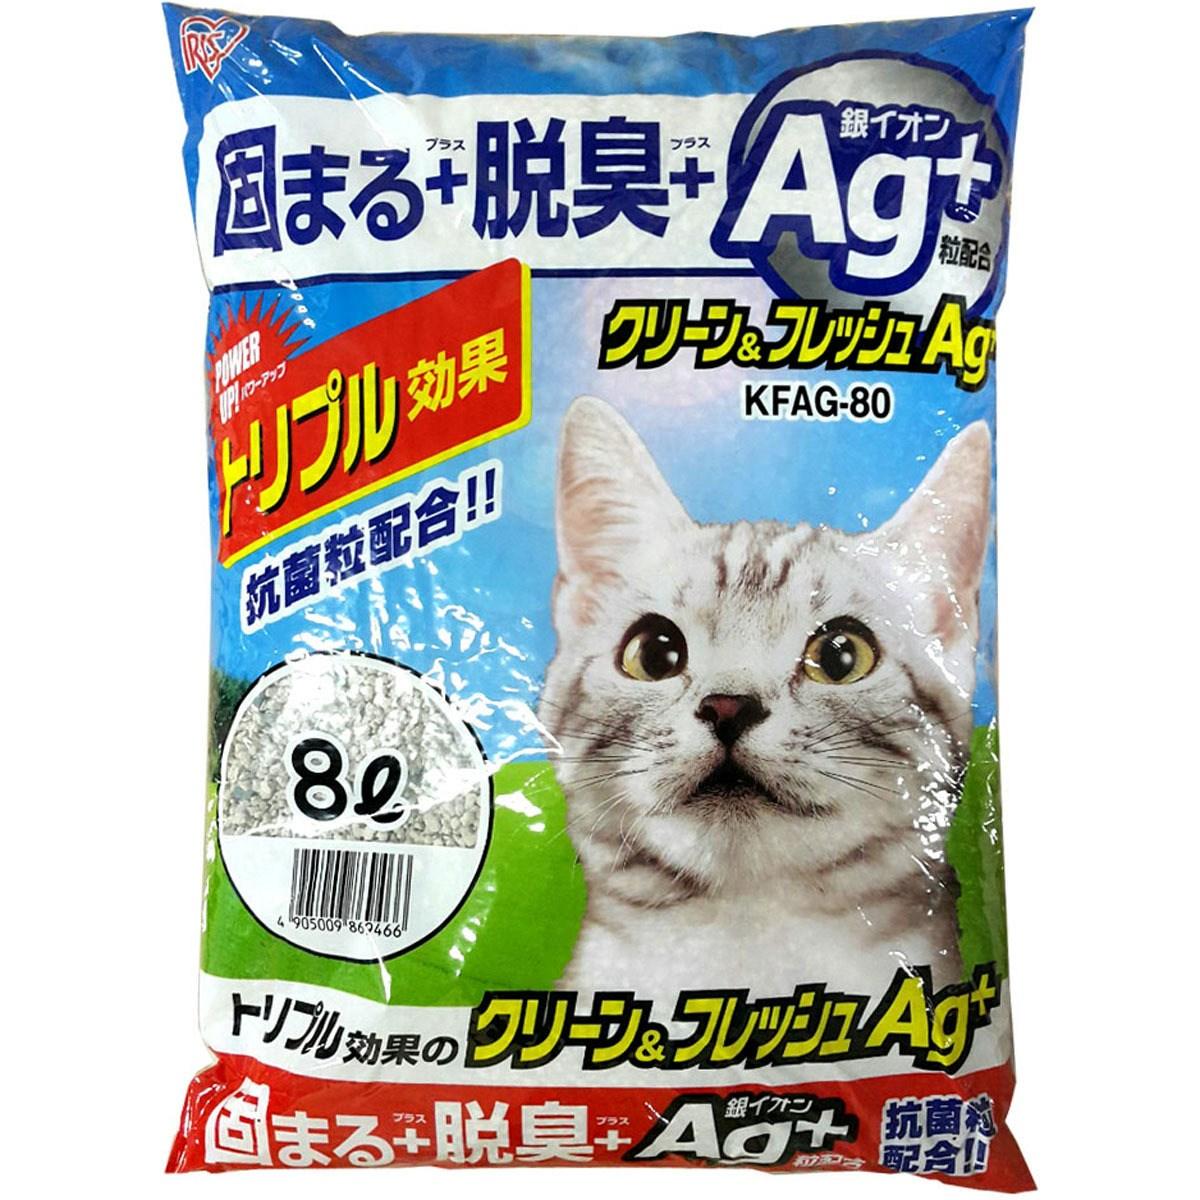 아이리스 고양이 용변모래 8L x 3 Iris Cat Litter 8L x 3